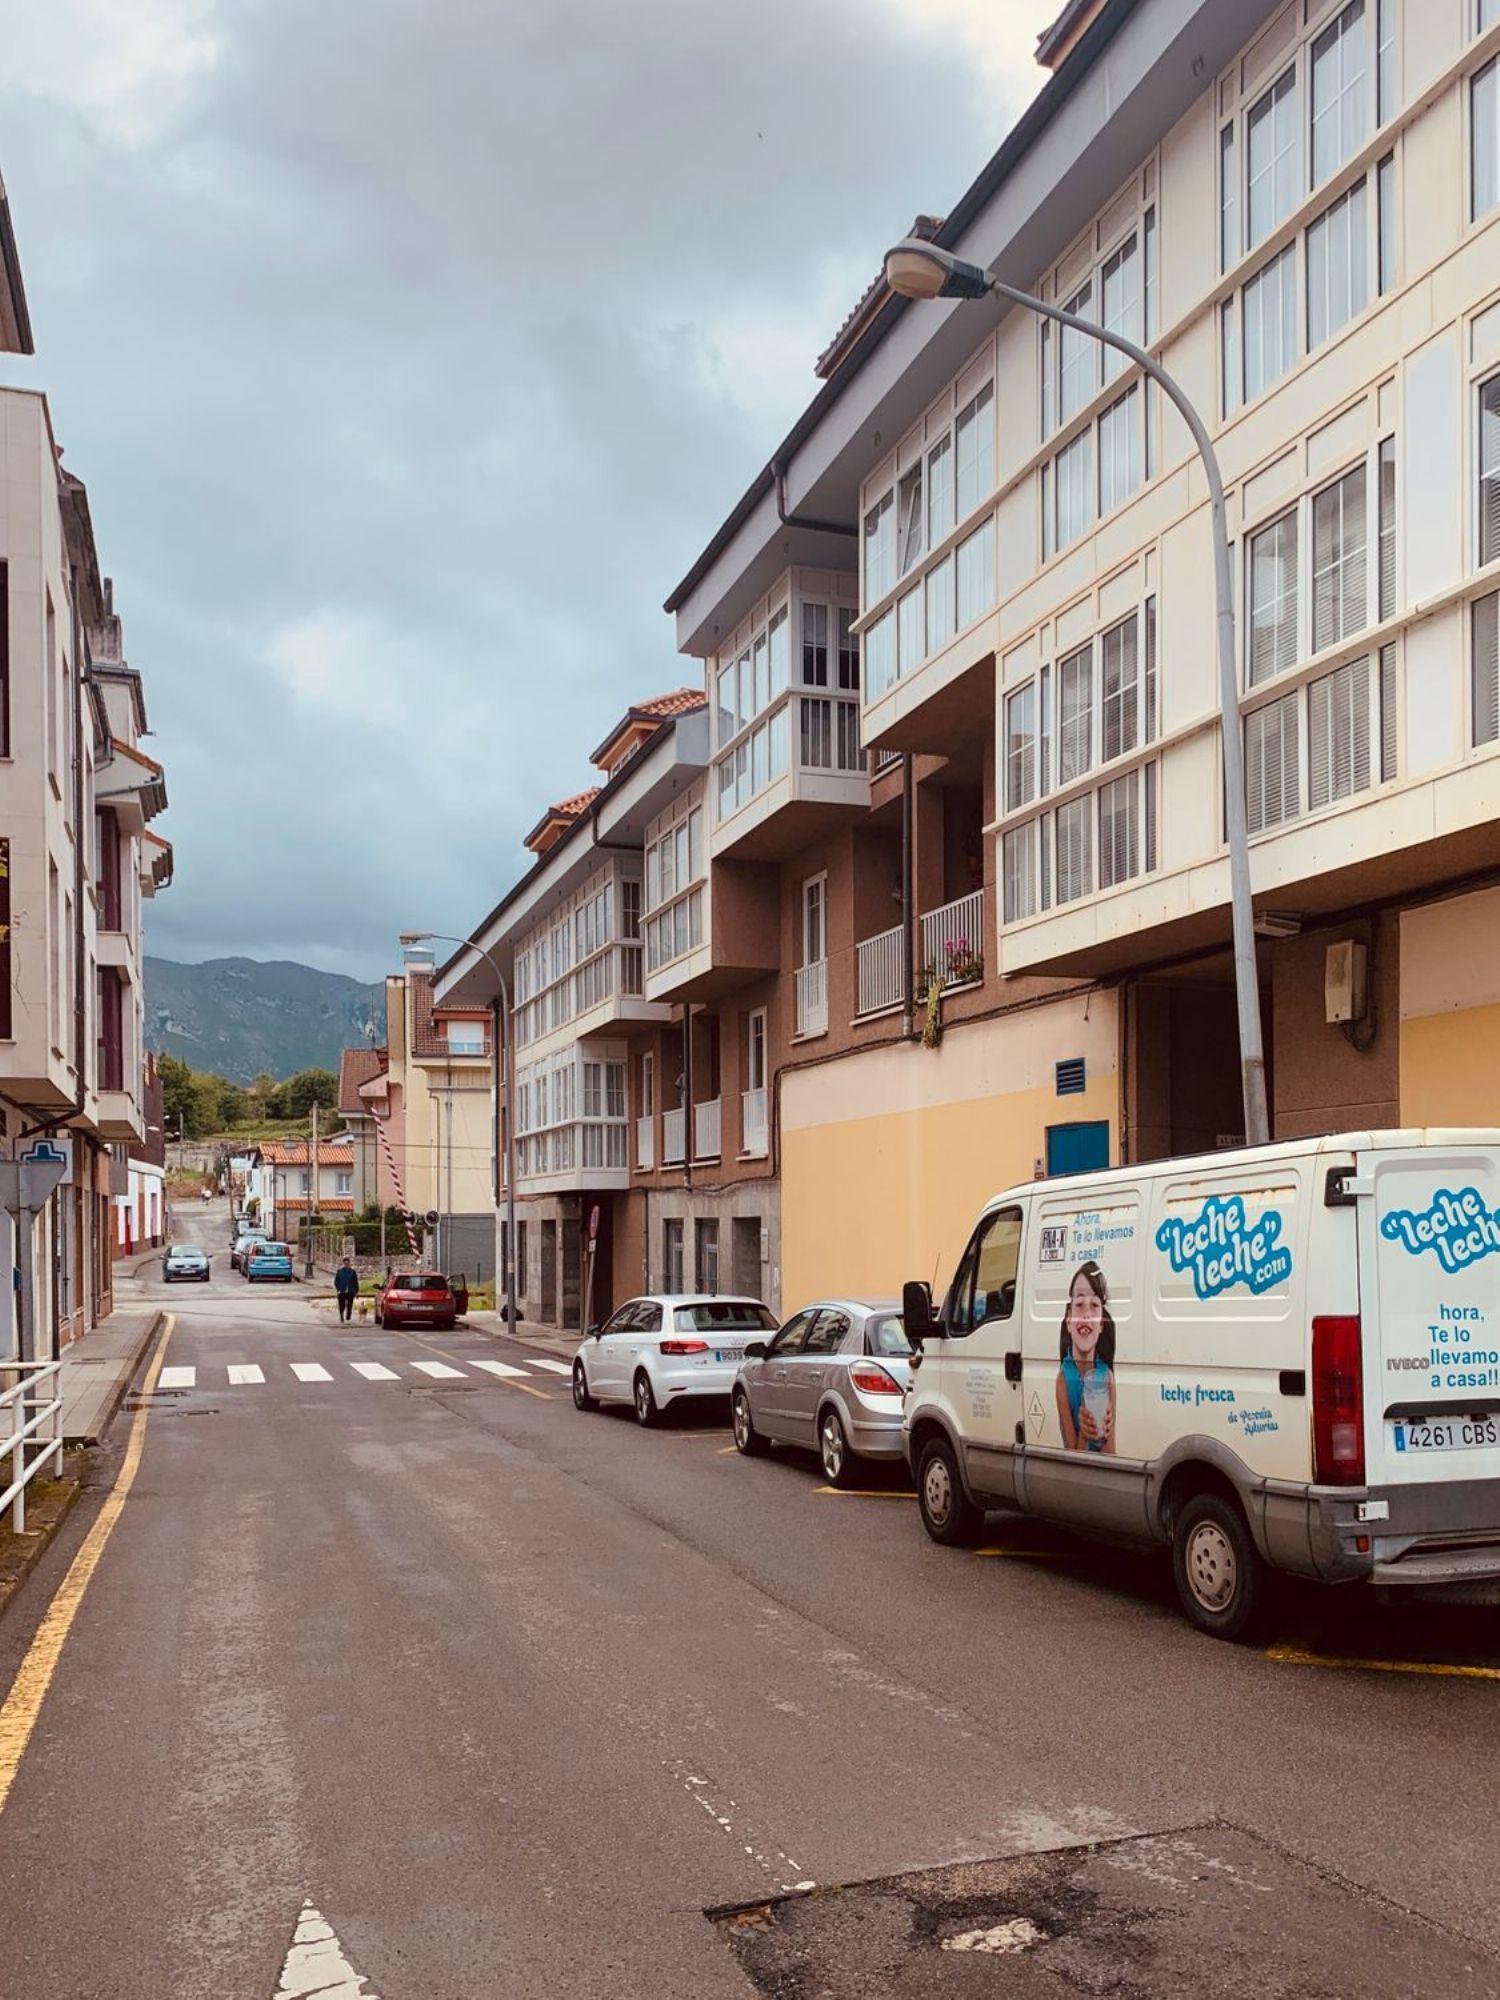 Piso en Venta en Calle la Estación, Área de Llanes, Asturias  REF:94690099